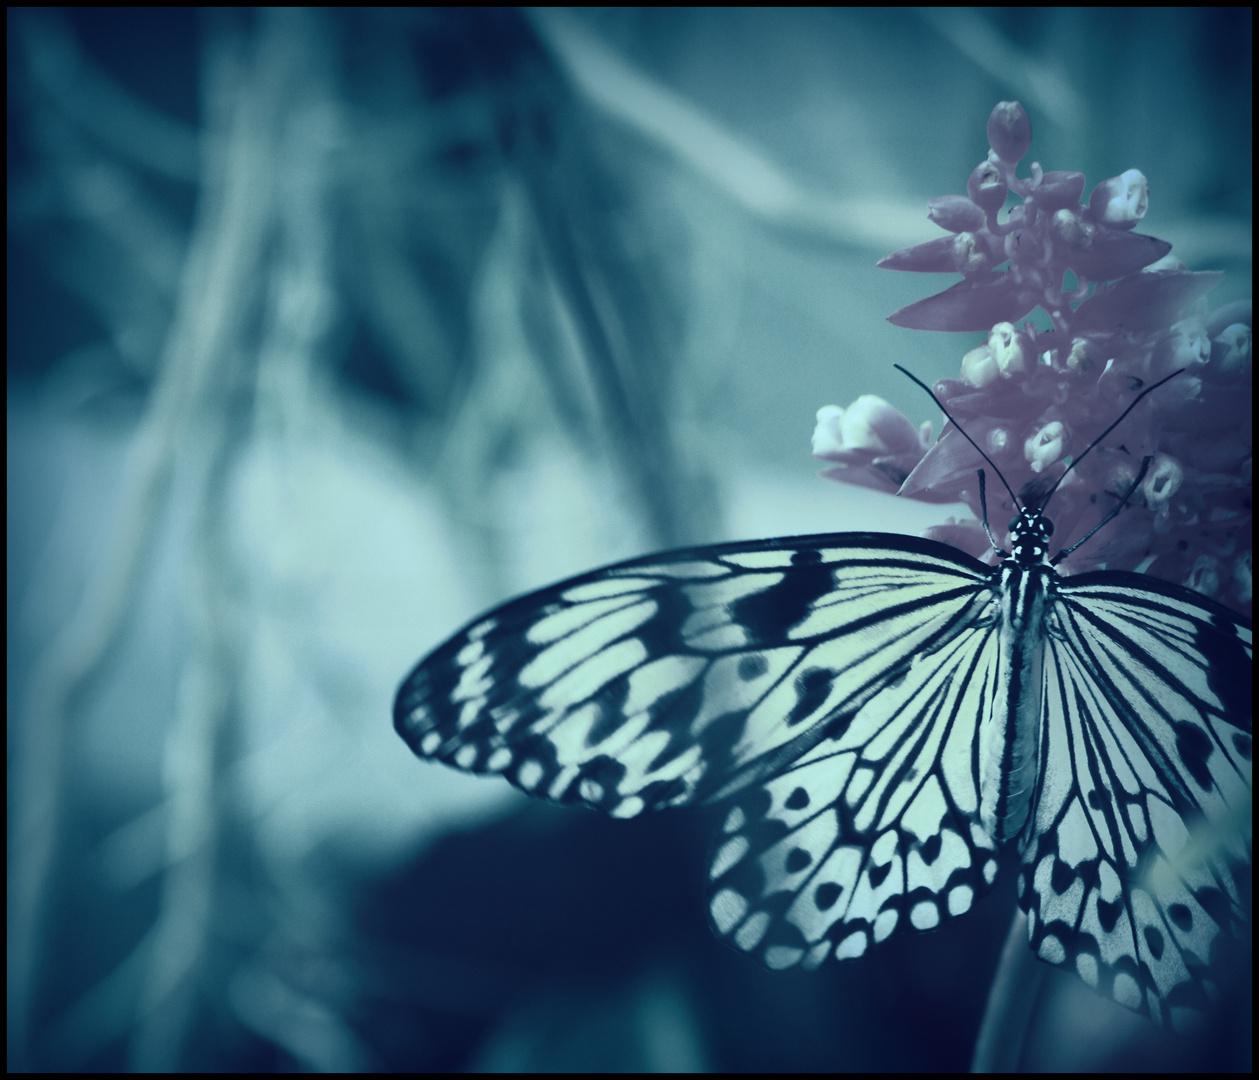 ...und manchmal ist das gefährlichste Tier für einen Menschen der Schmetterling im Bauch.